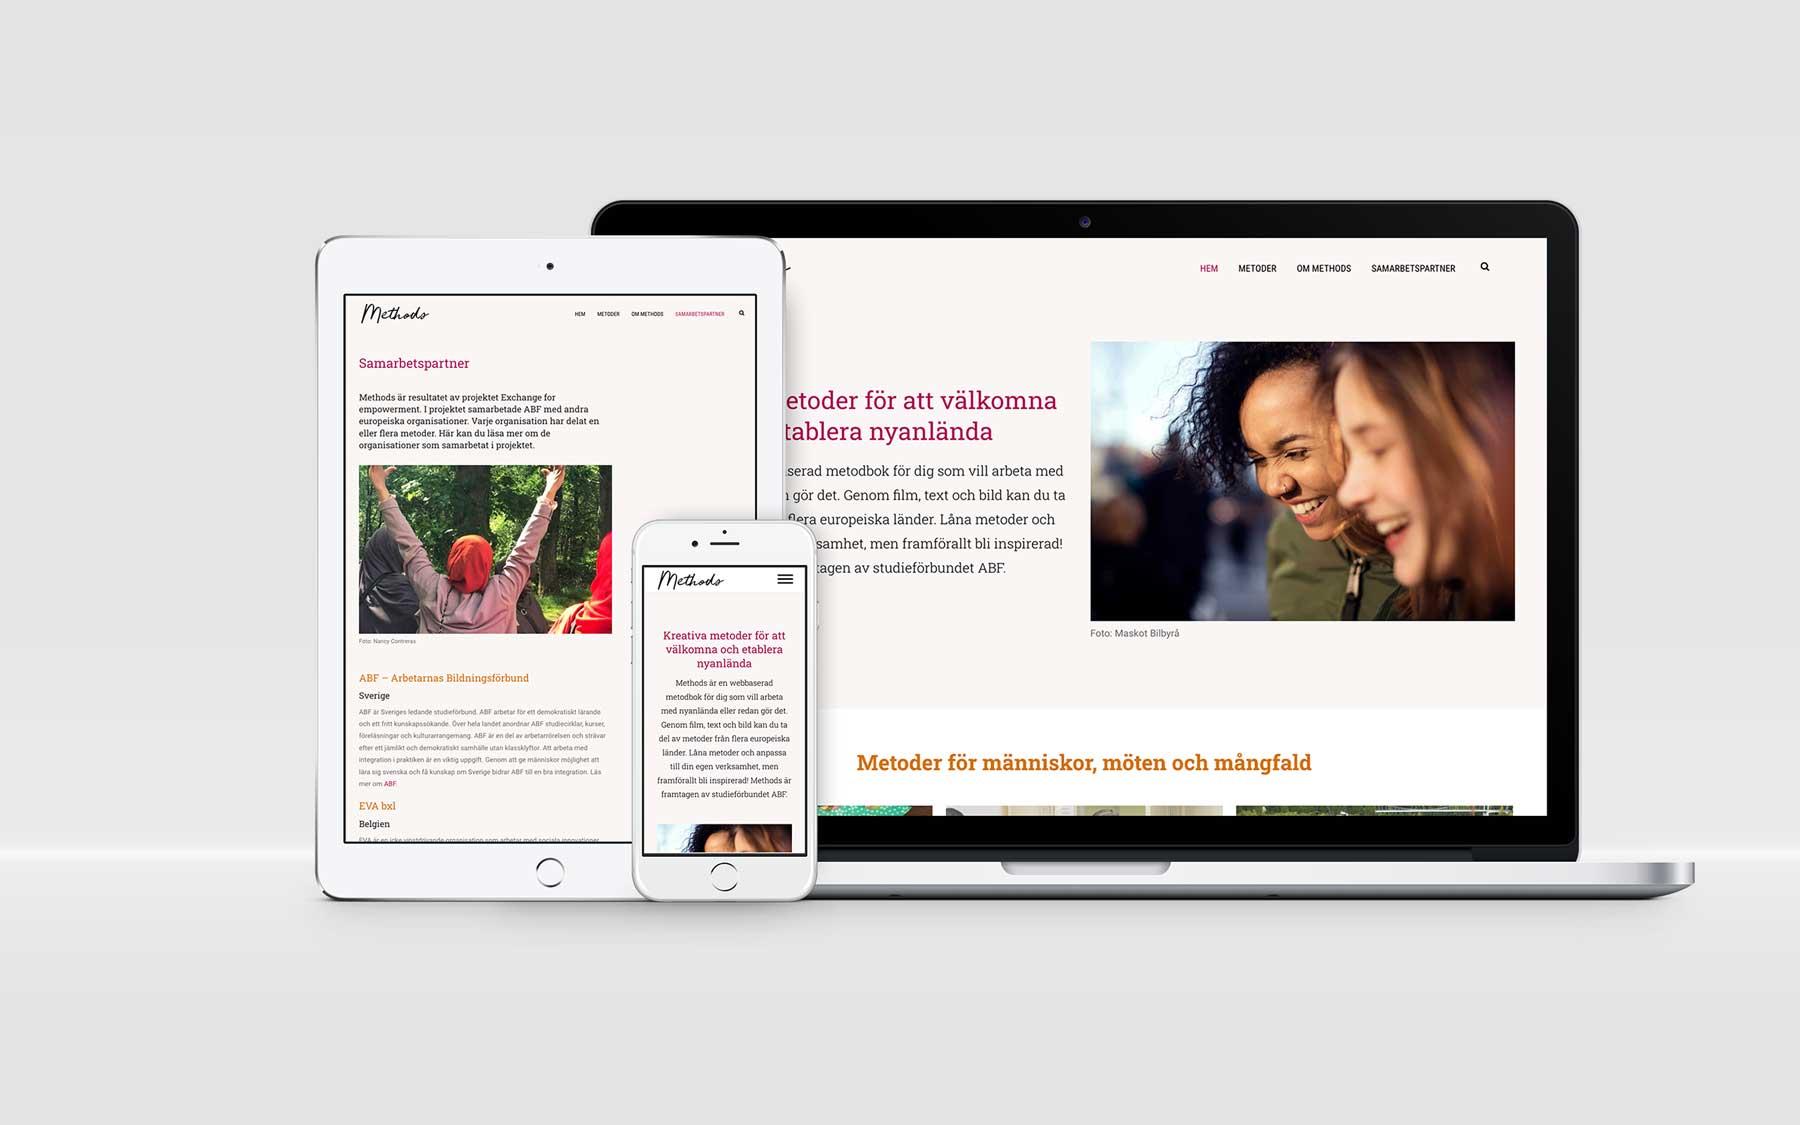 laptop, ipad och mobil visar sajten methods